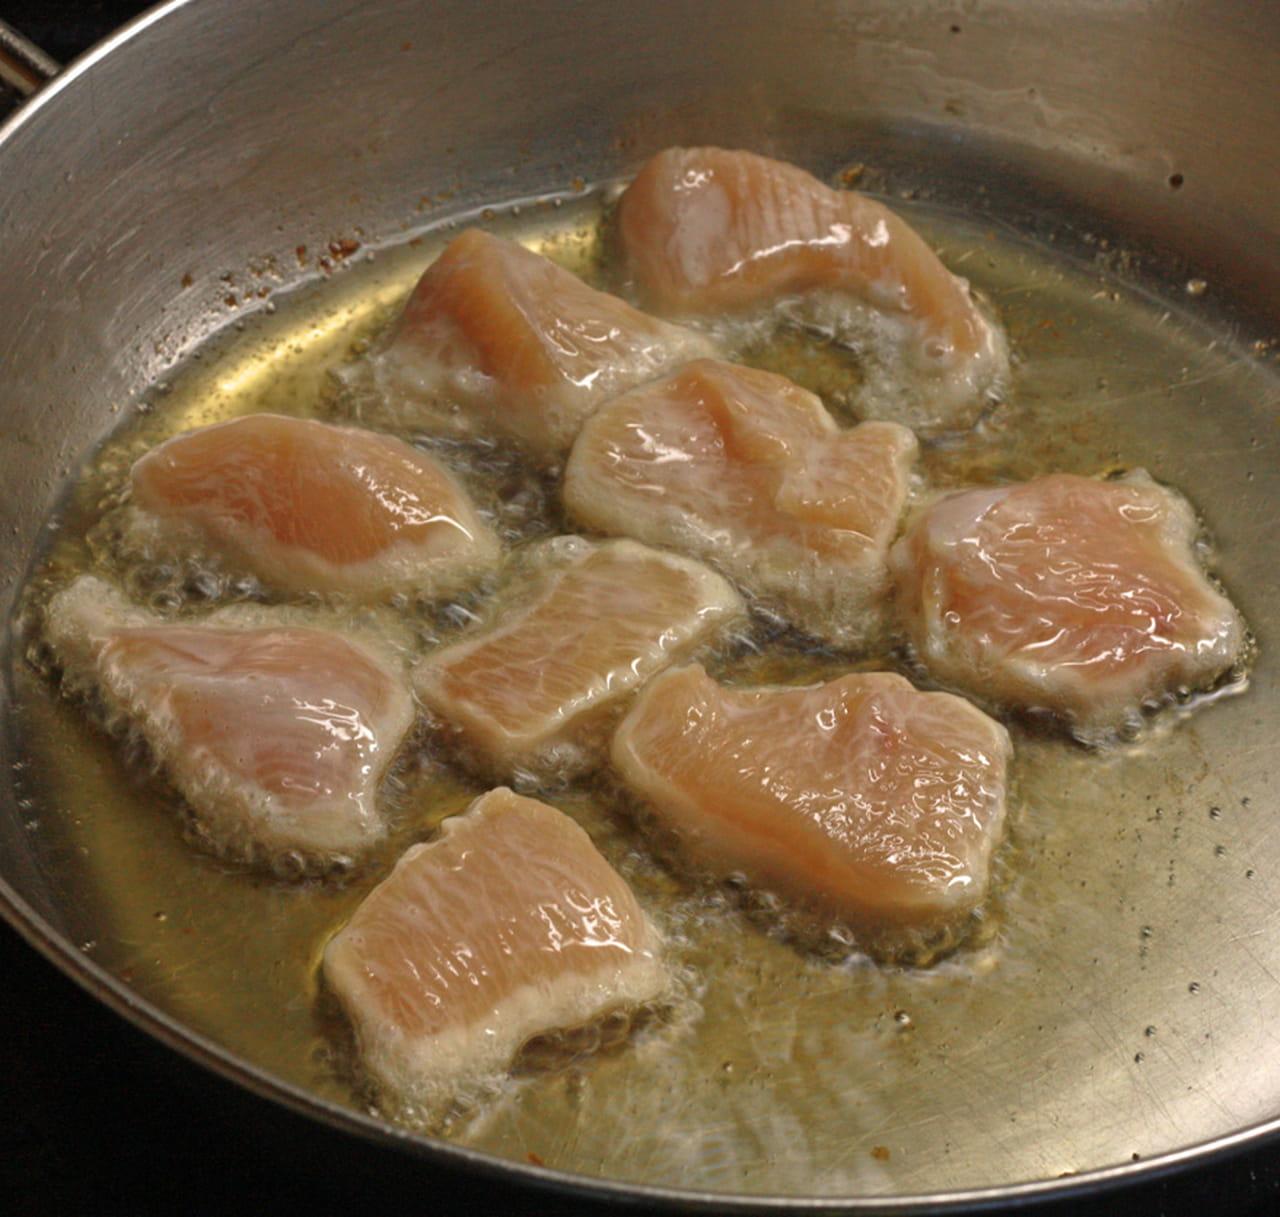 طريقة عمل الدجاج بصلصة البرتقال والفلفل الحار 867739.jpg